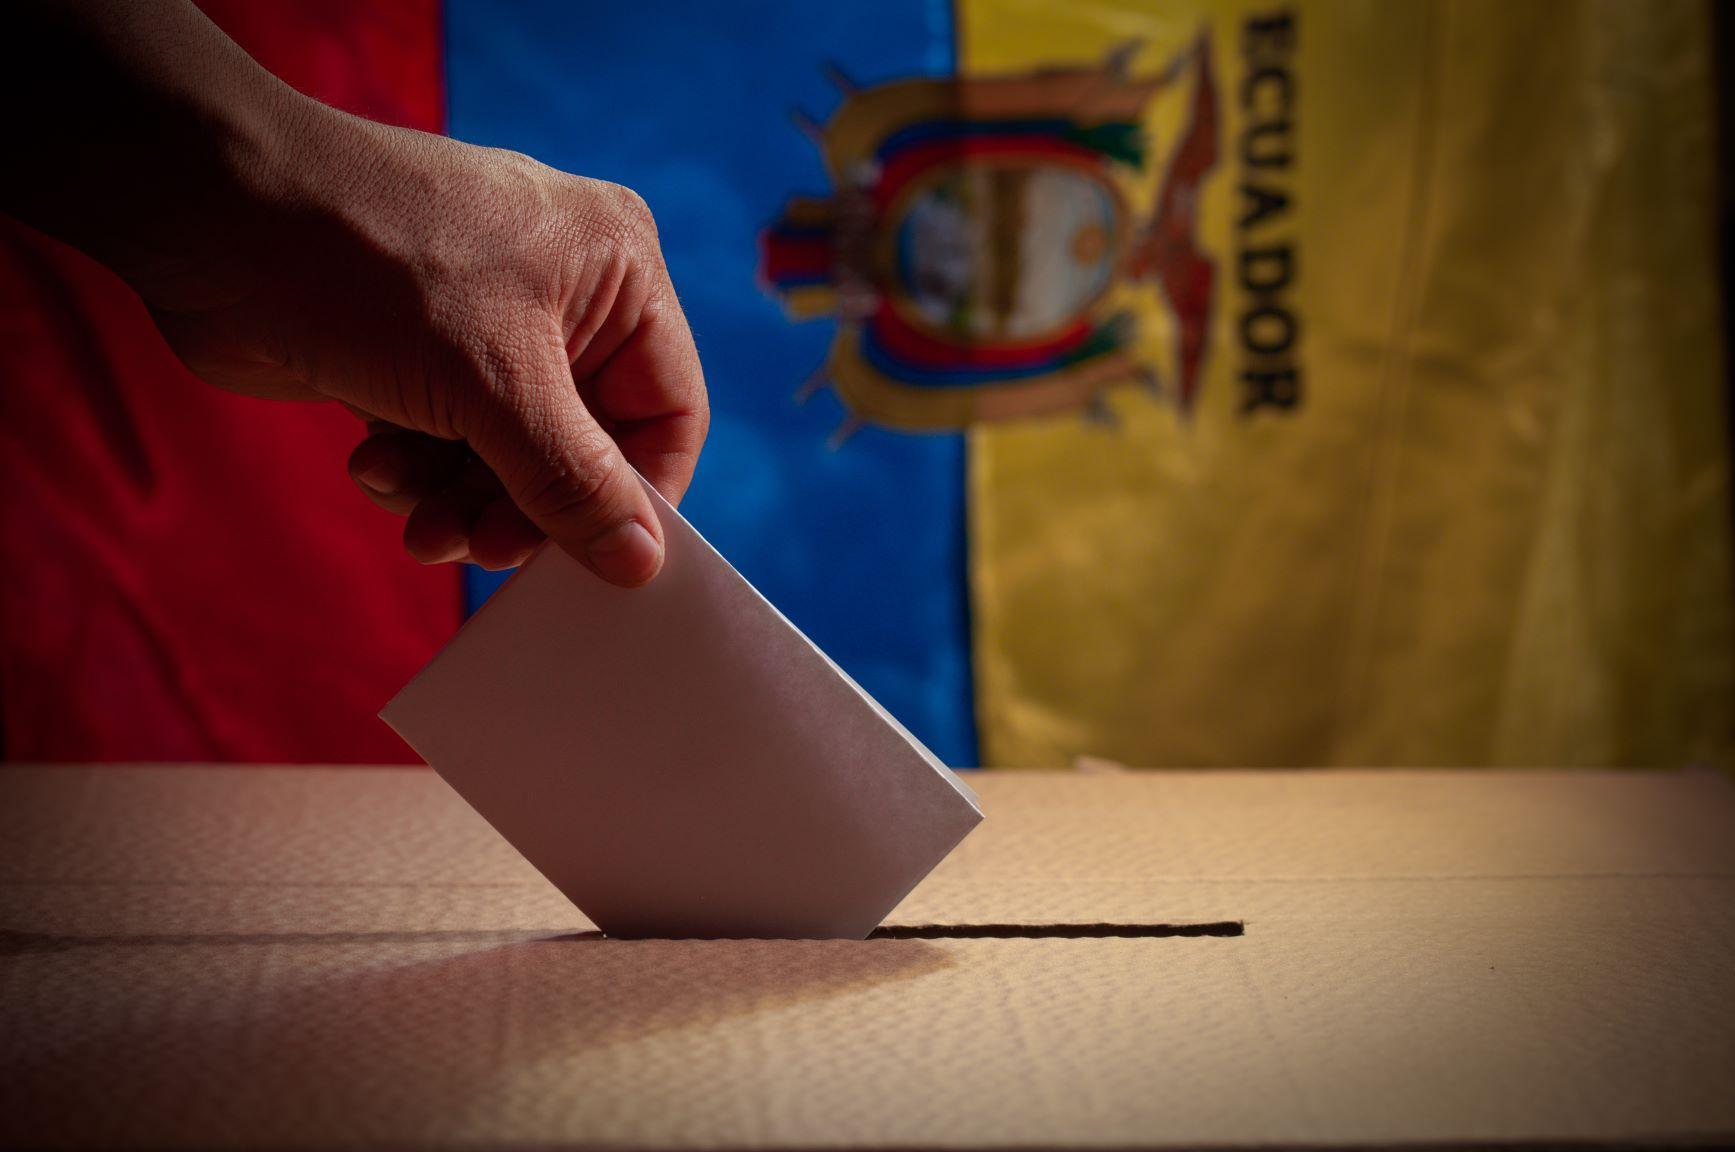 Ecuador election surprise, Ethiopia restructuring, Nigeria-IMF clash and more